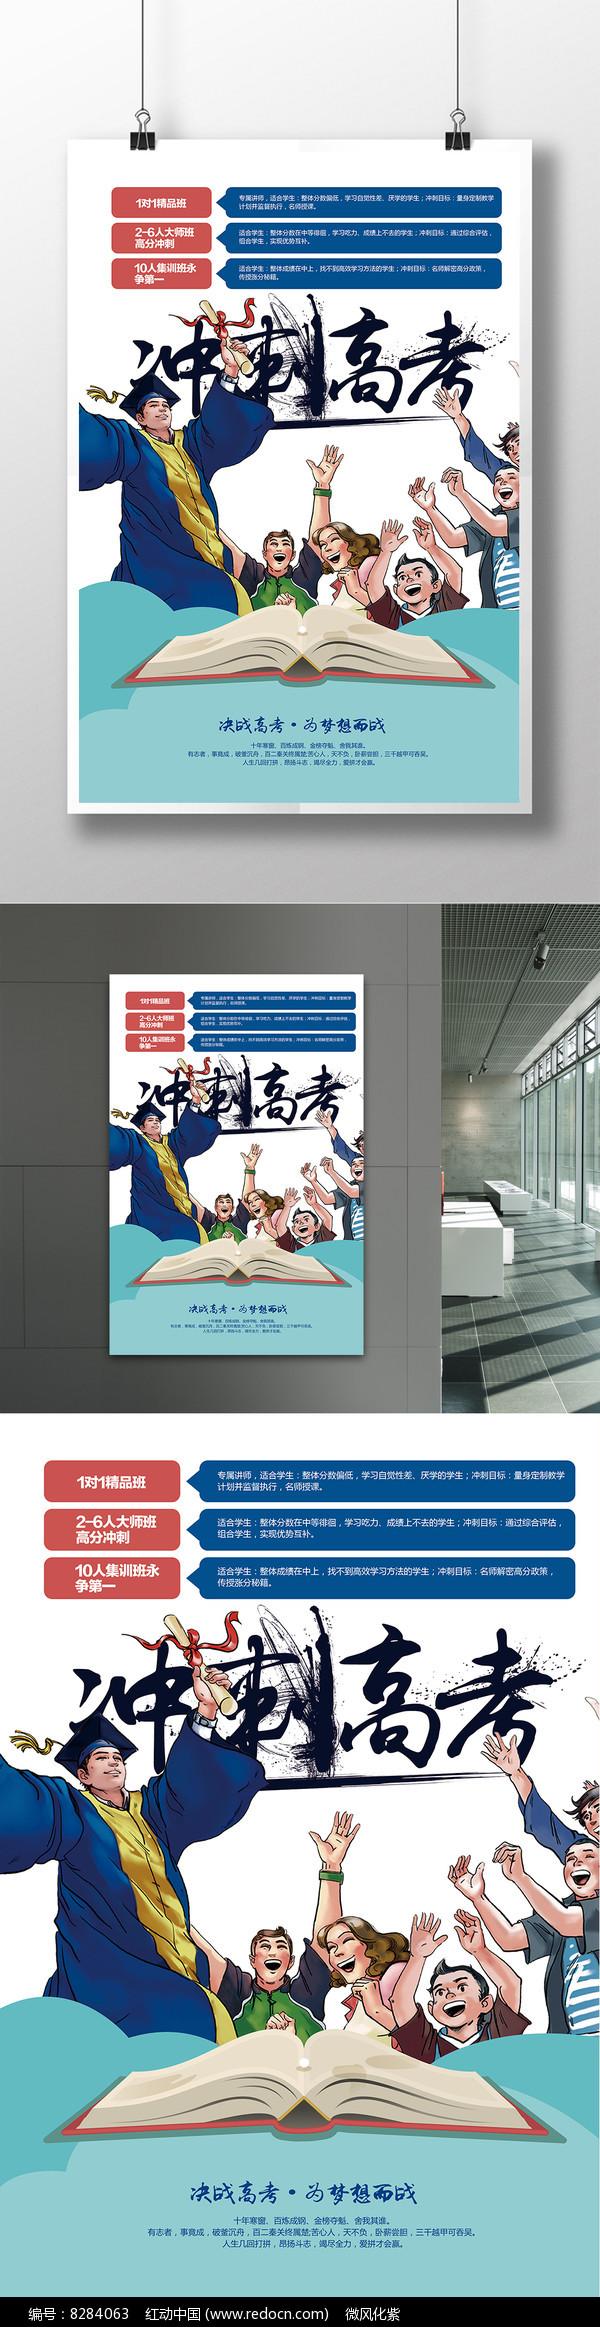 创意冲刺高考辅导班招生宣传海报图片